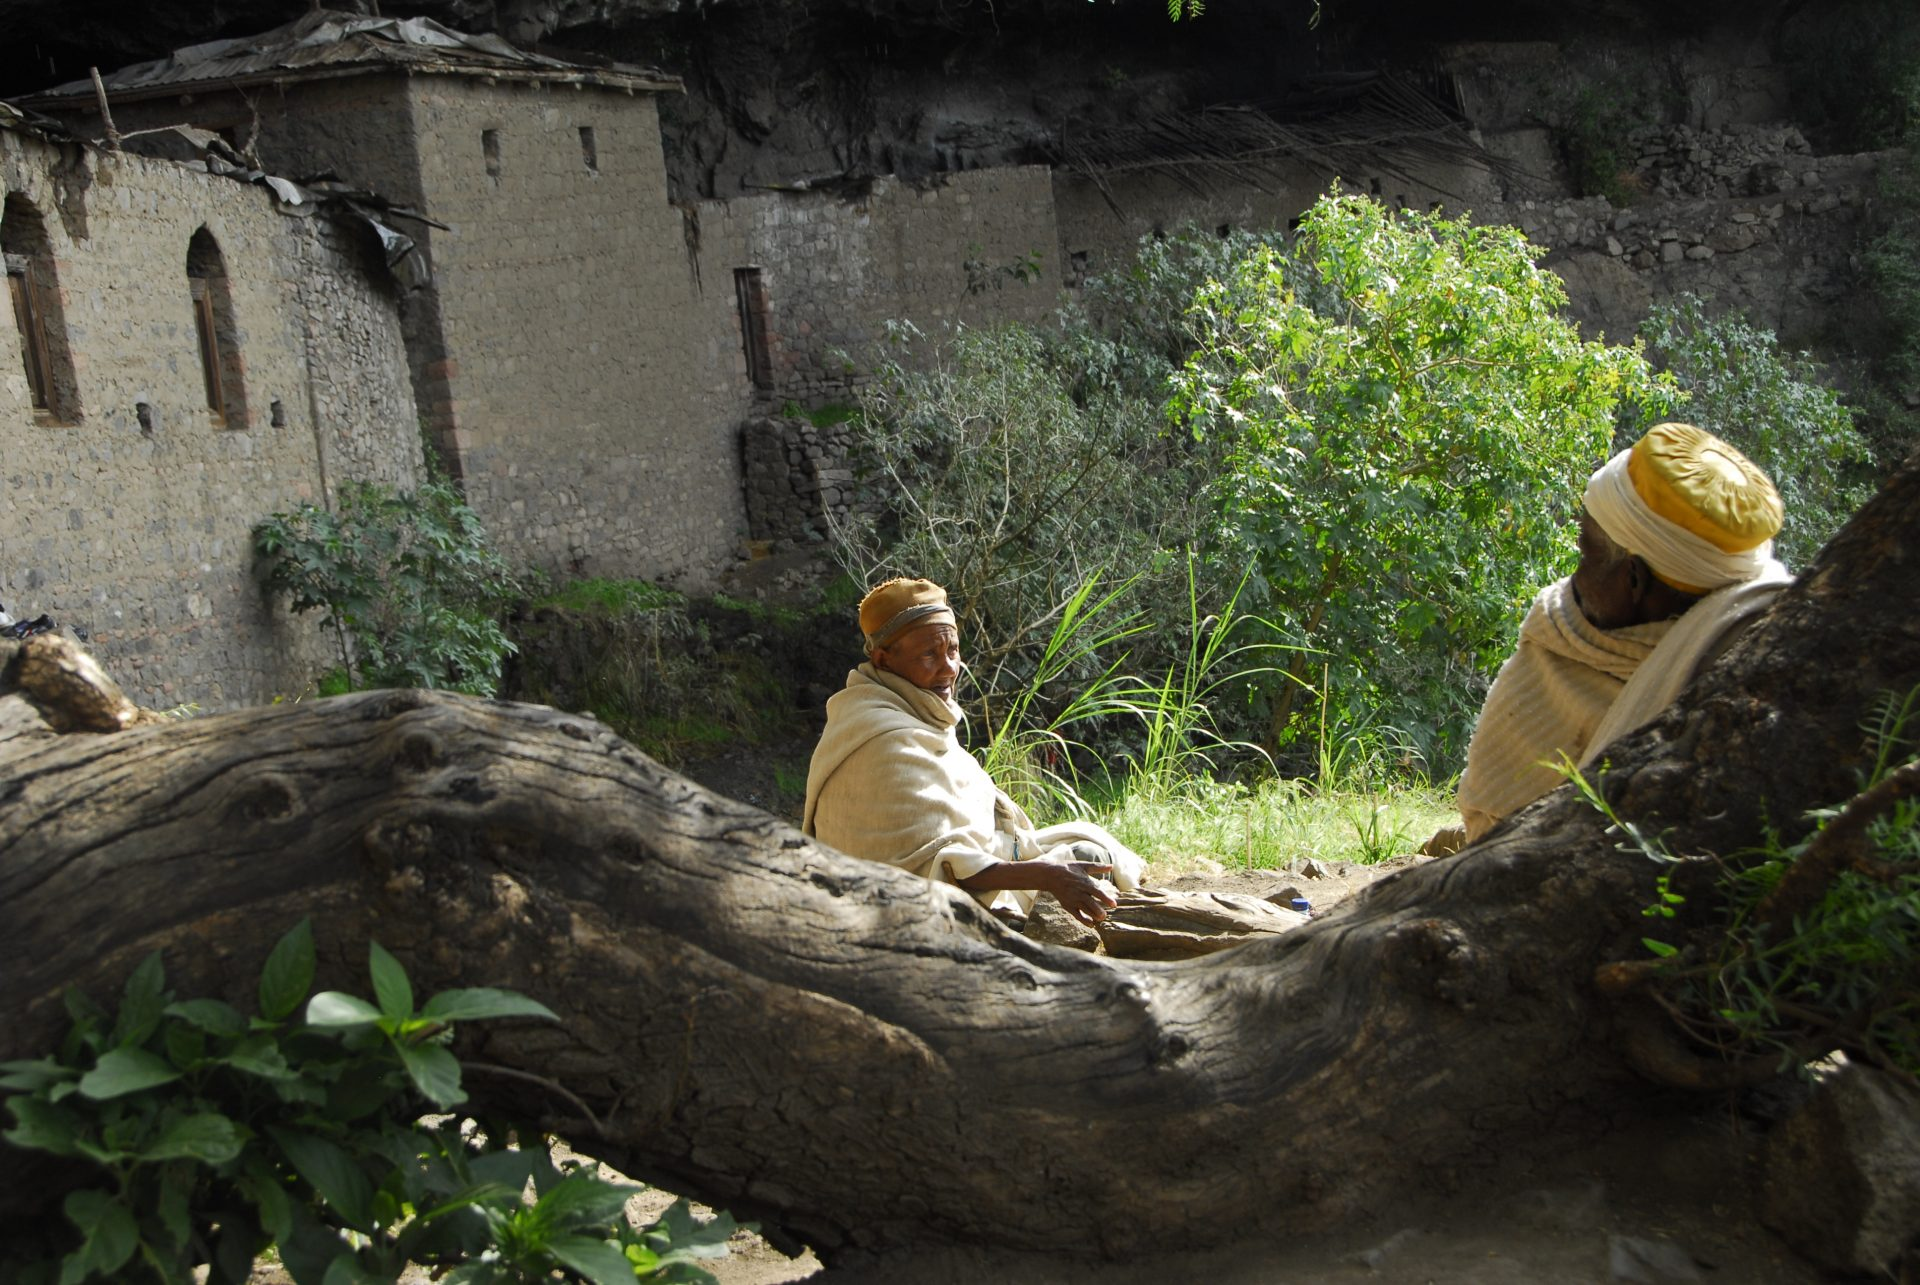 Ethiopie - Lalibela - L'église de Naakuto Lab est construite à l'intérieur d'une caverne, elle aurait été bâtie par le dernier roi zagoué dont elle porte le nom.